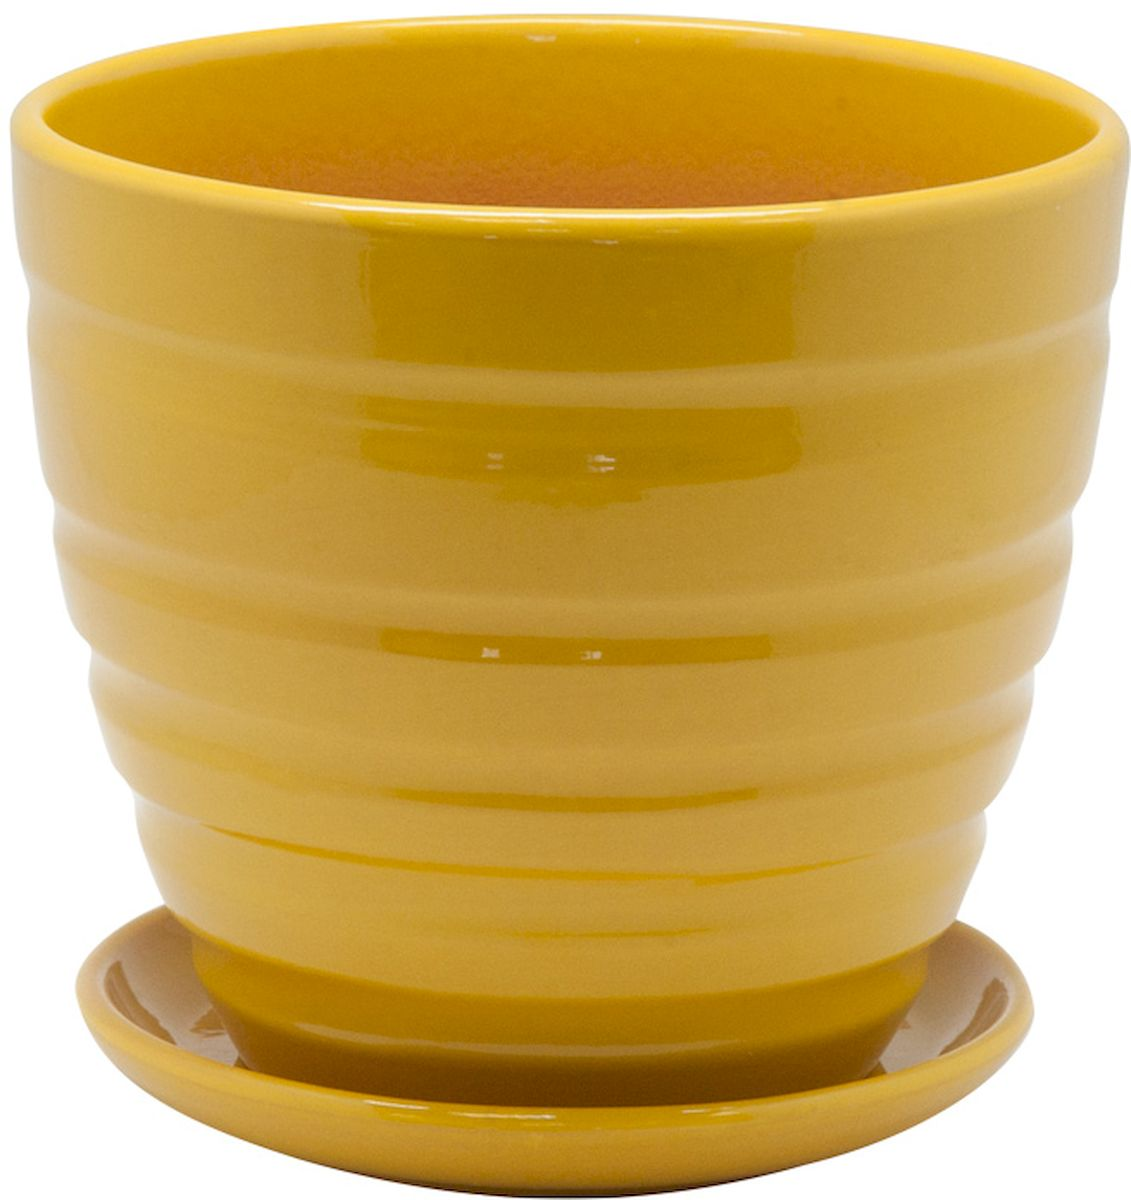 Горшок цветочный Engard, с поддоном, цвет: желтый, 1,4 лBH-21-1Керамический горшок Engard - это идеальное решение для выращивания комнатных растений и создания изысканности в интерьере. Керамический горшок сделан из высококачественной глины в классической форме и оригинальном дизайне.Объем: 1,4 л.